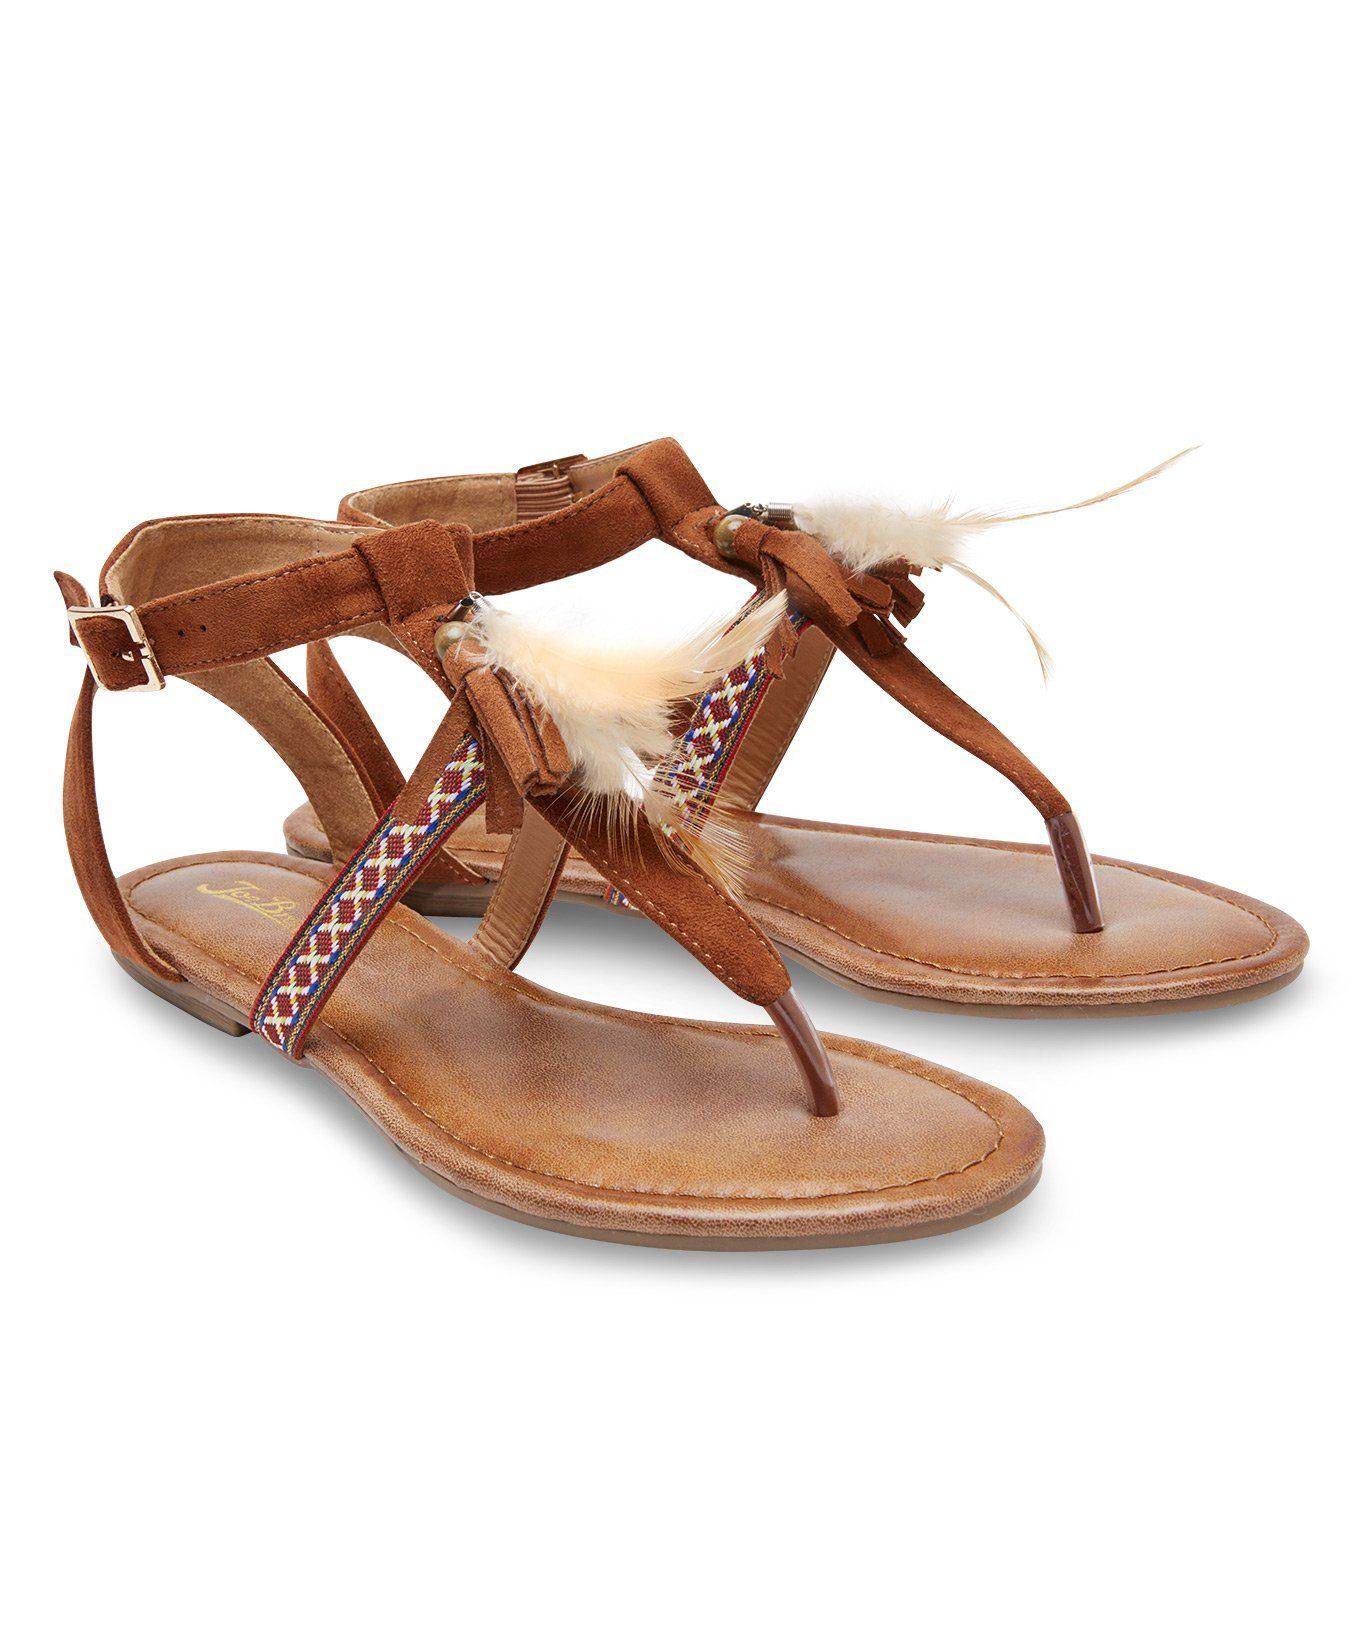 Joe Browns Sandale online kaufen  braun